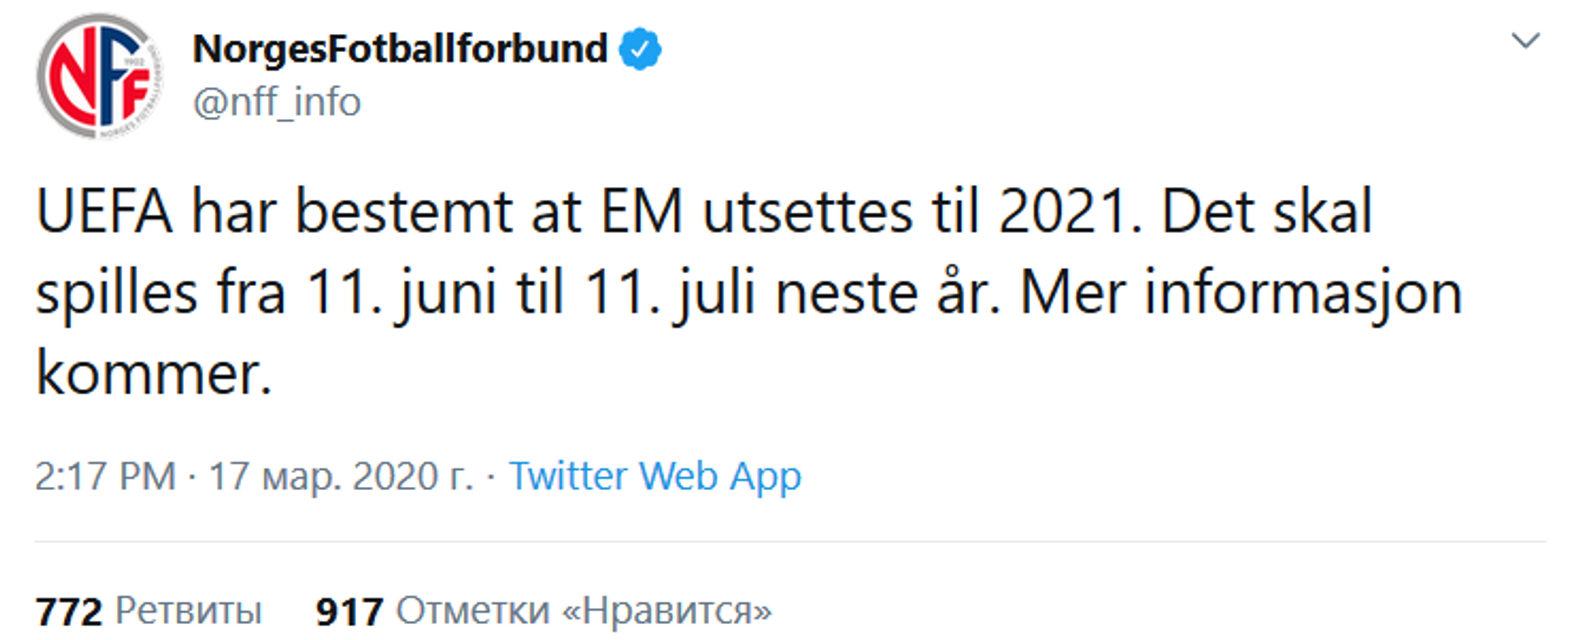 Евро-2020 отменят из-за коронавируса: Раскрыты детали - фото 197371